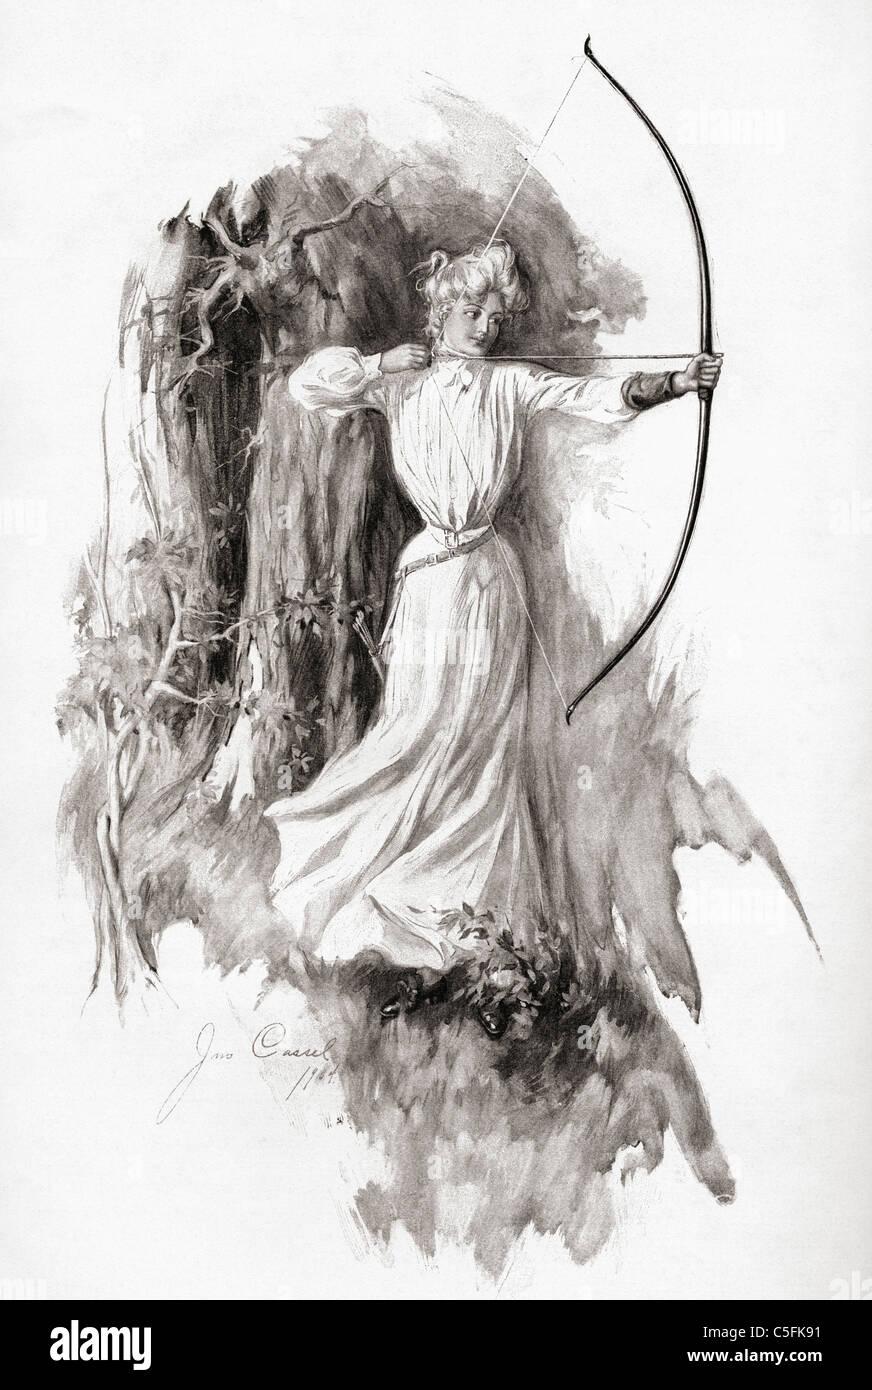 Una dama practicar tiro con arco en 1904. Imagen De Stock